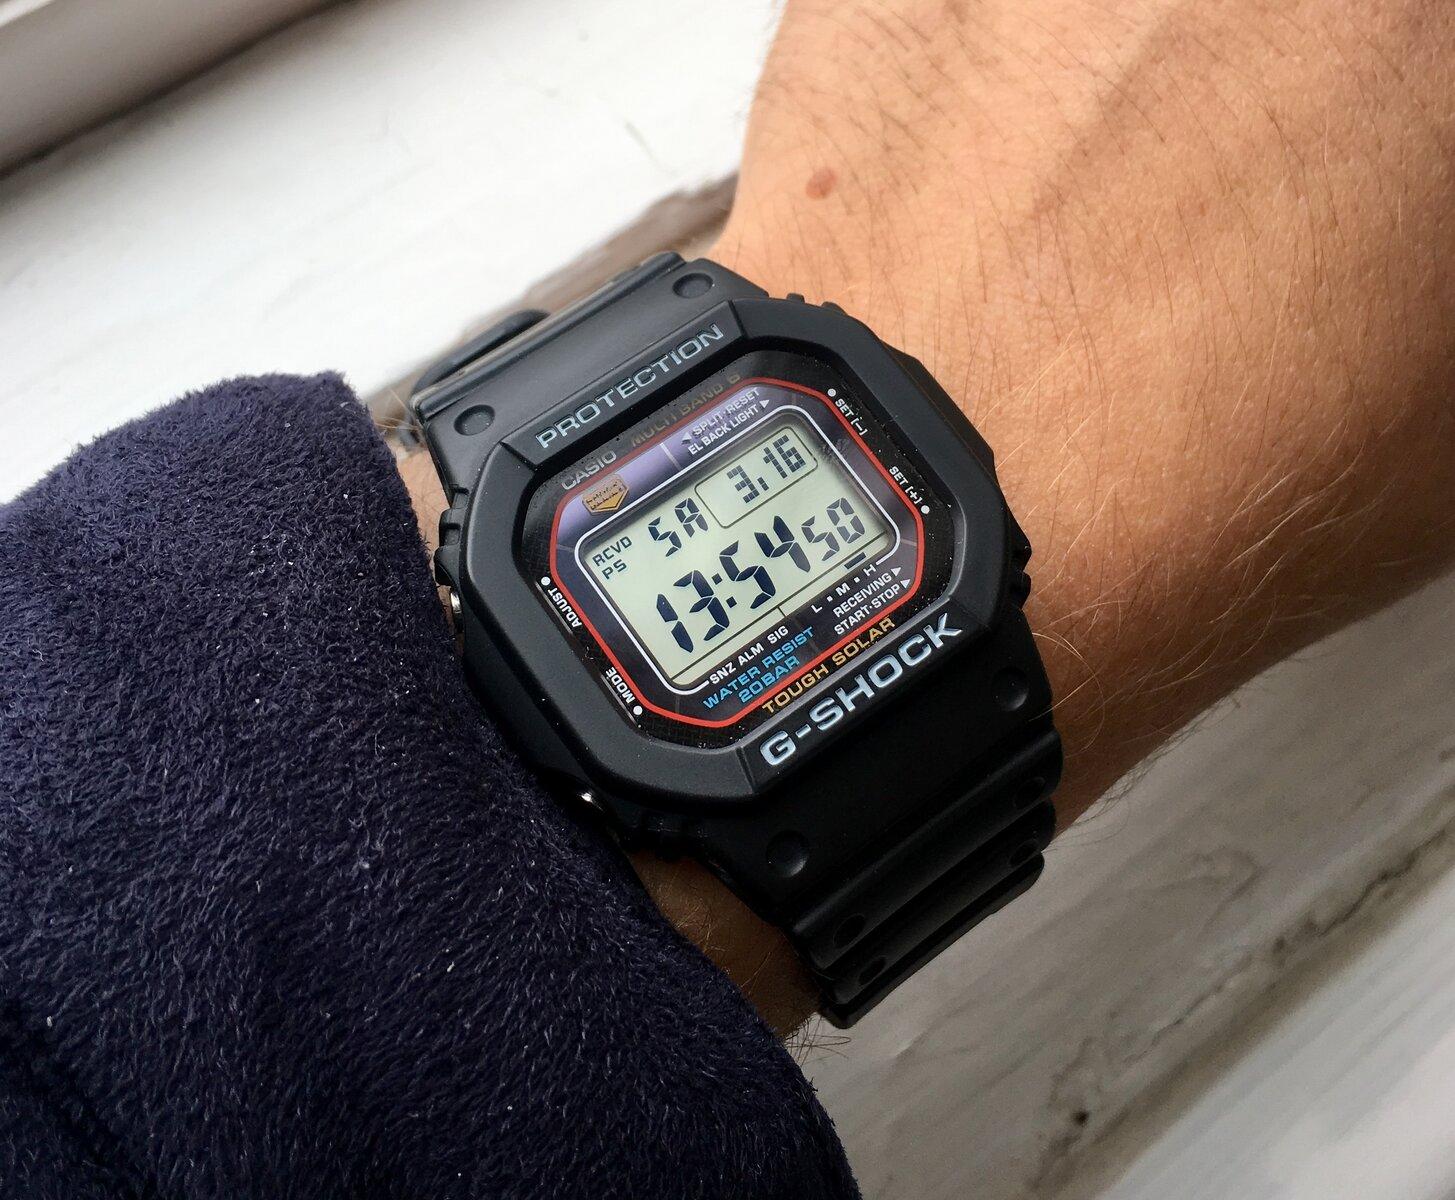 42200D2B-94A4-48A9-B459-E5E4848D5938.